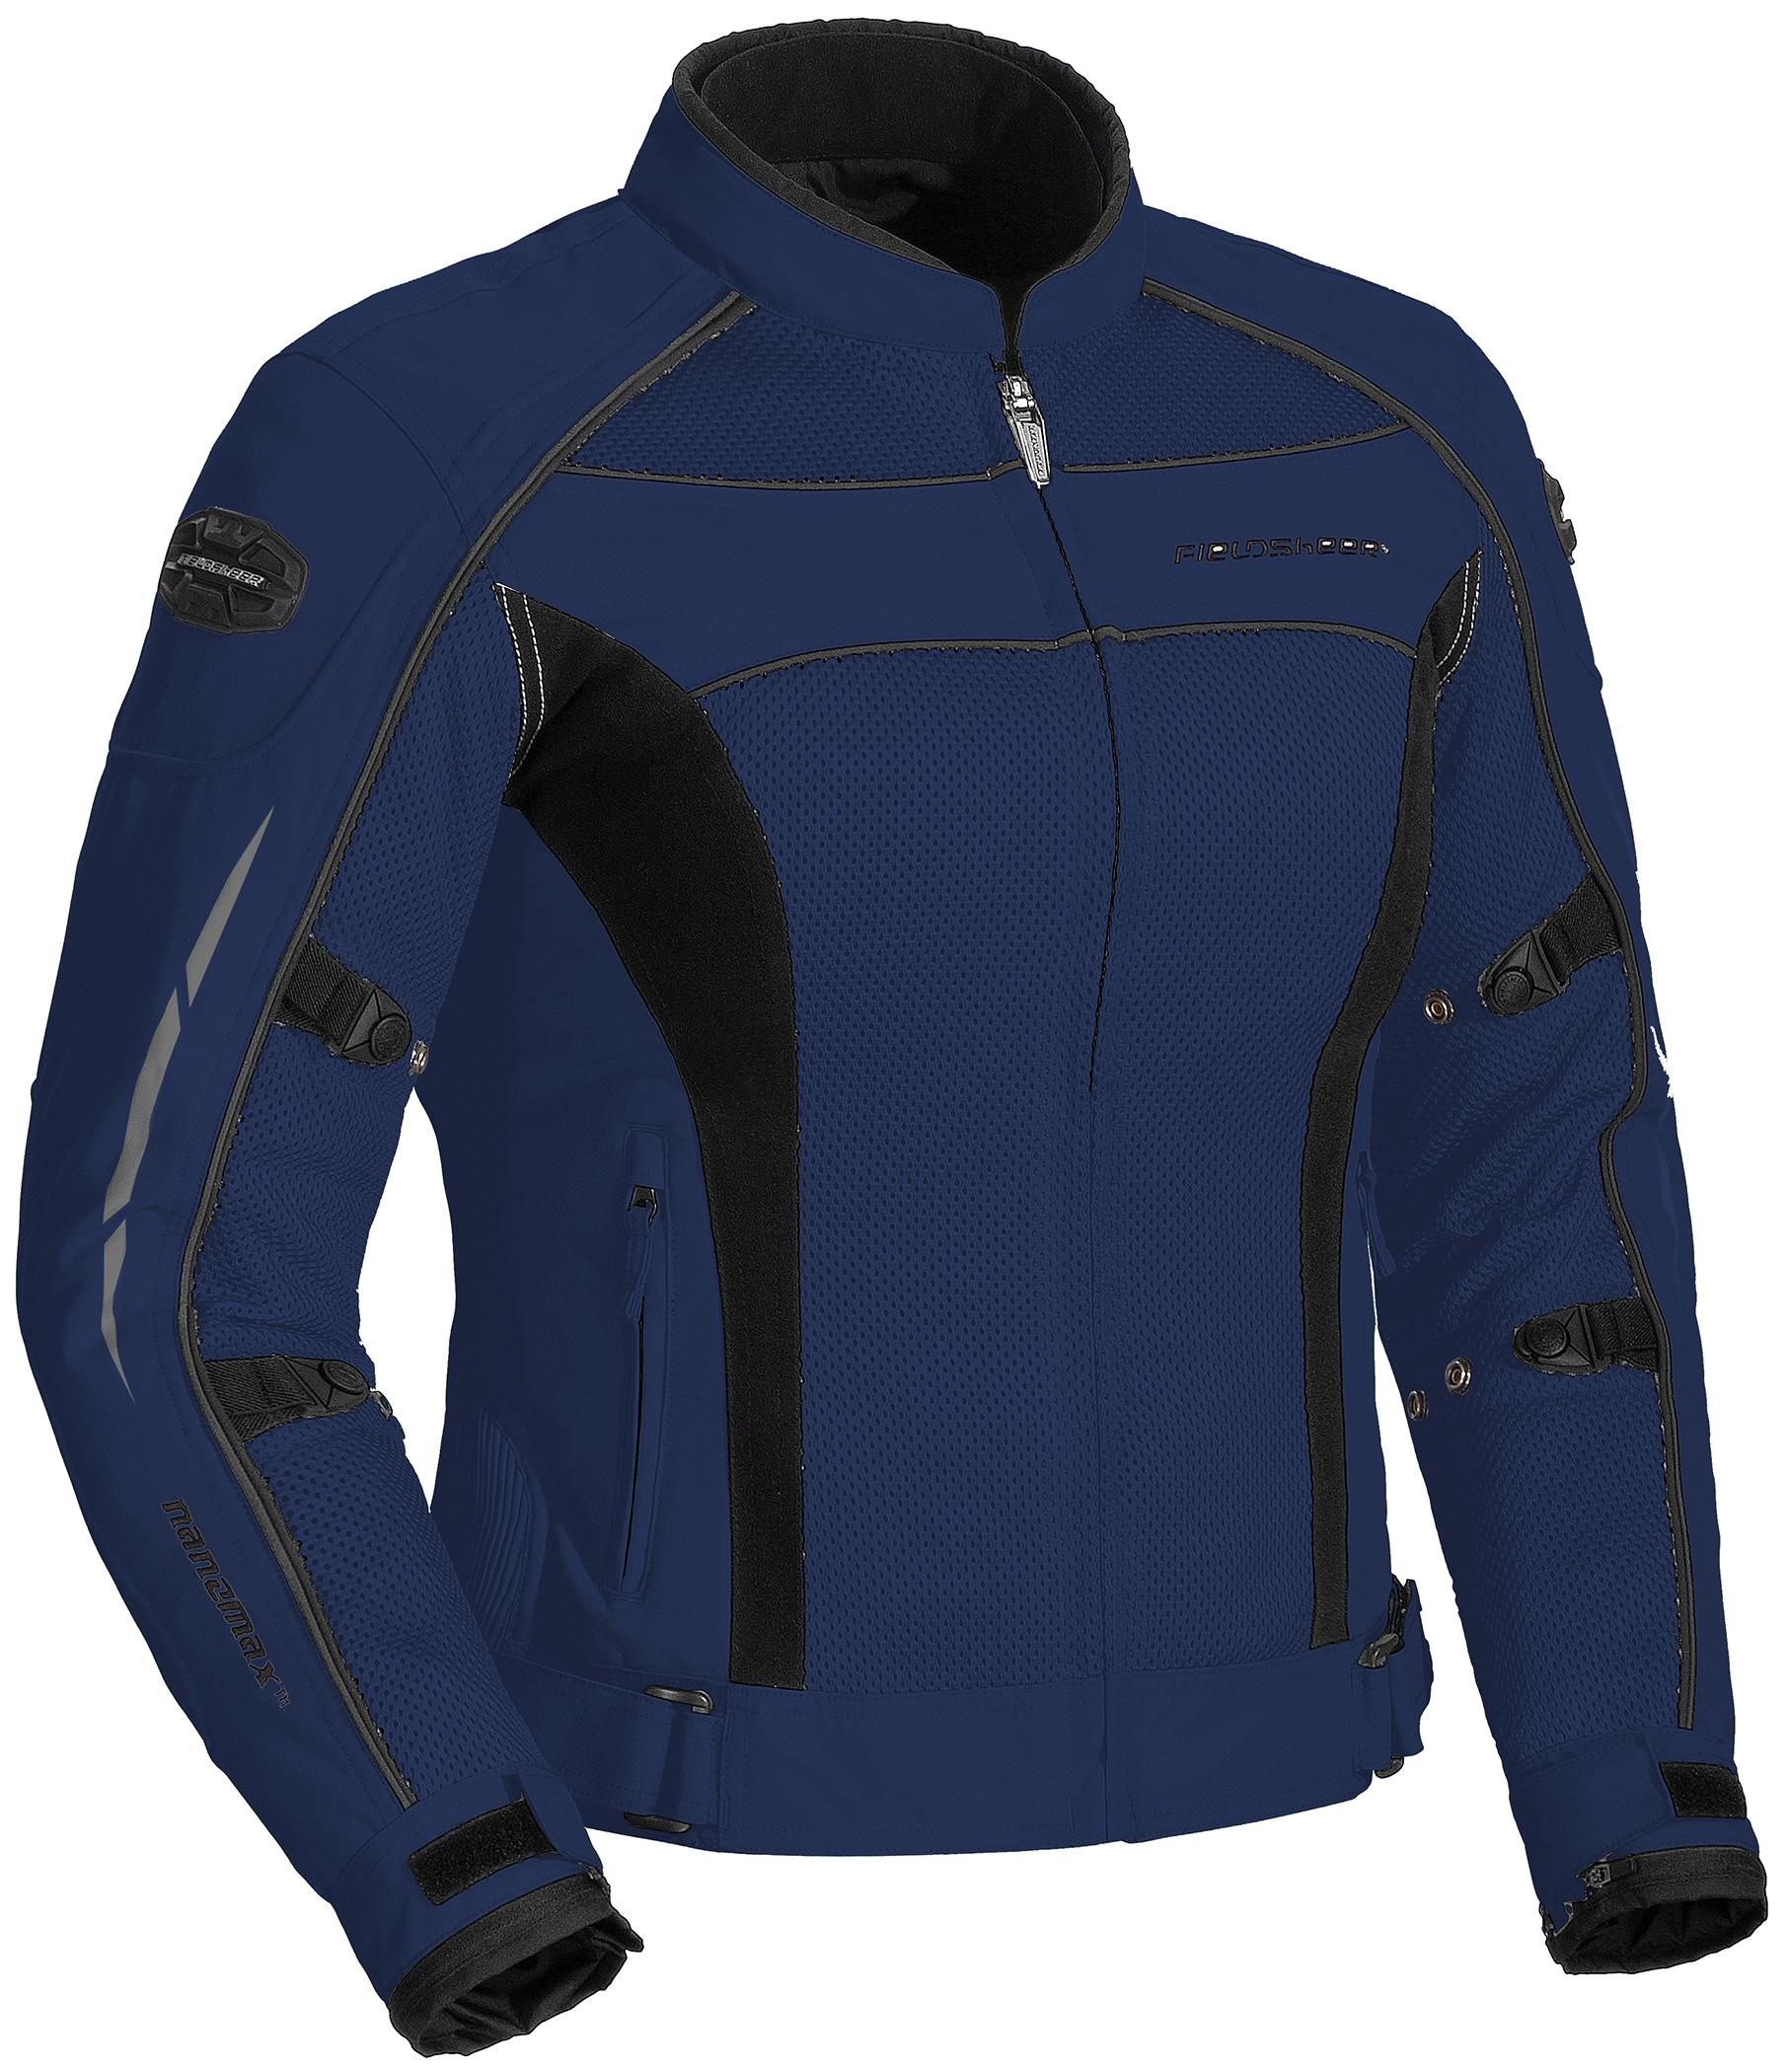 High Temp Mesh Women's Jackets